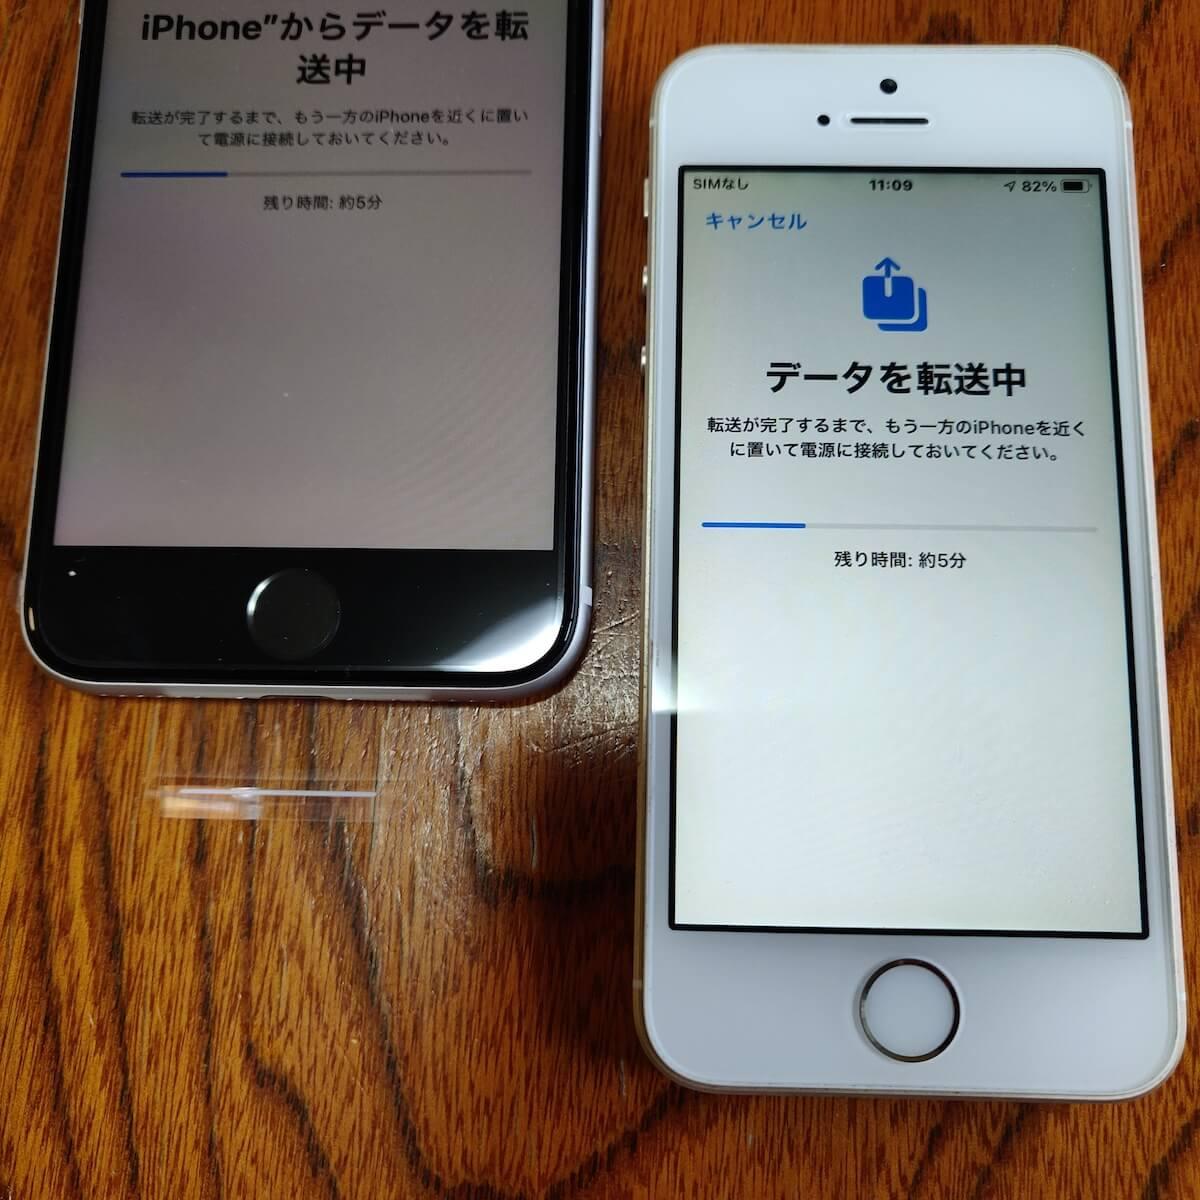 古いiPhoneから新しいiPhoneへ直接データ移行